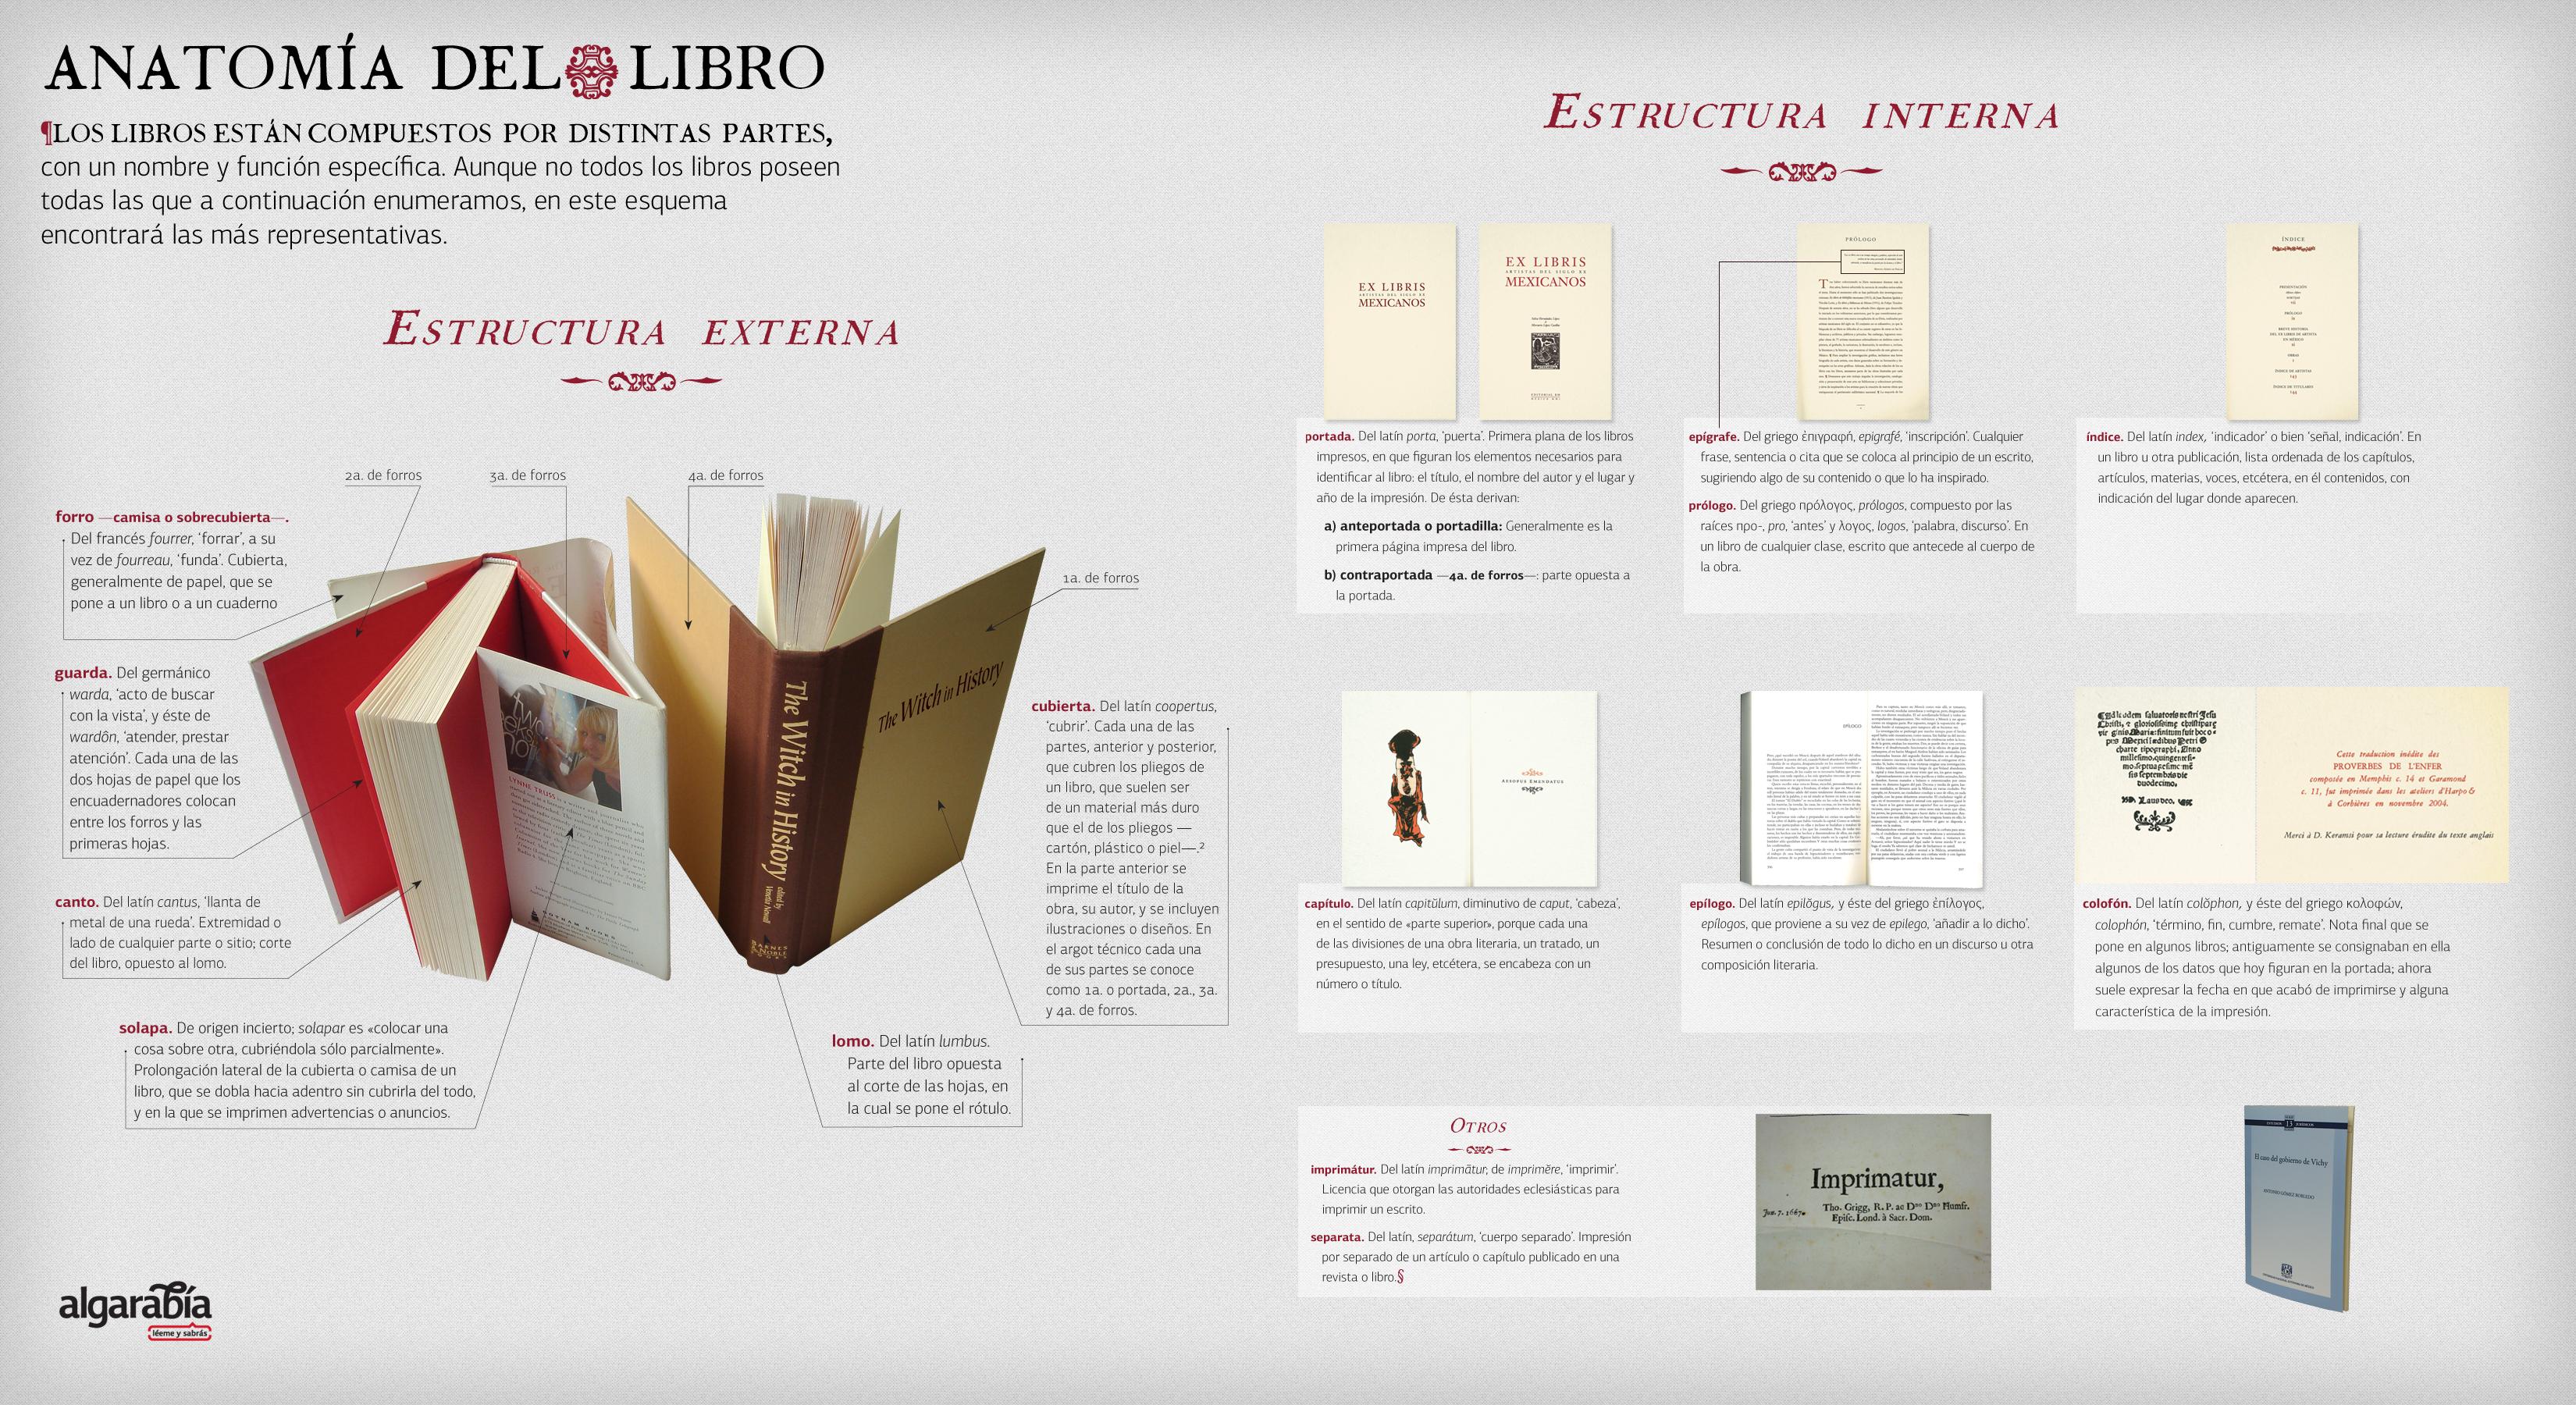 Anatomía de un Libro #infografia #infographic - TICs y Formación